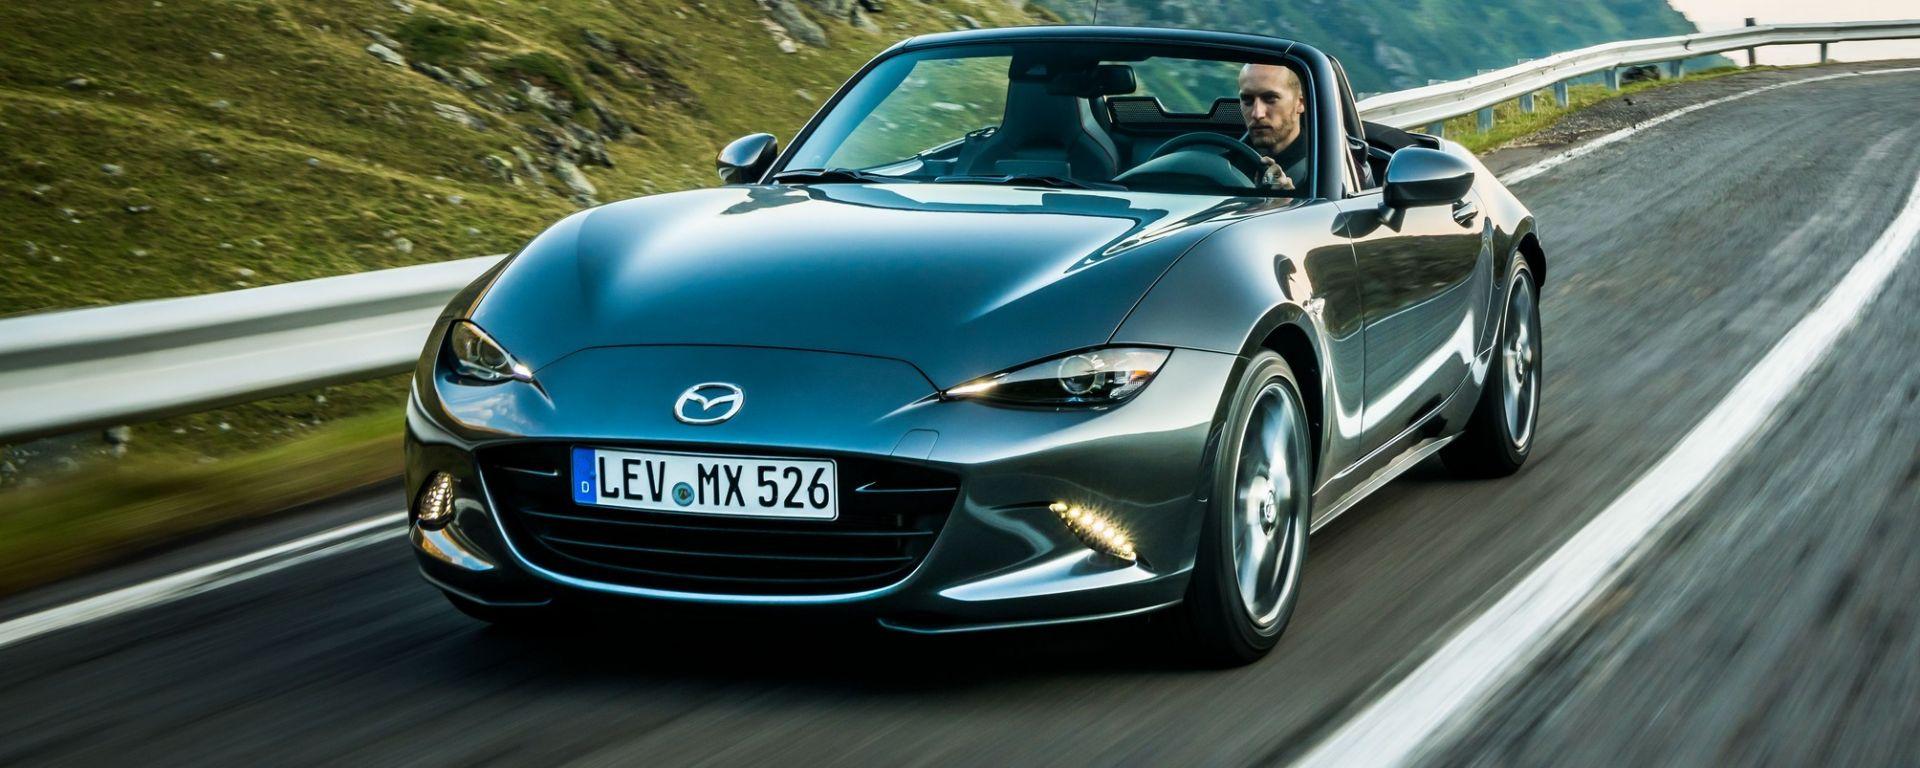 Nuova Mazda MX-5 2019: la prova sulla Transfagarasan [VIDEO]